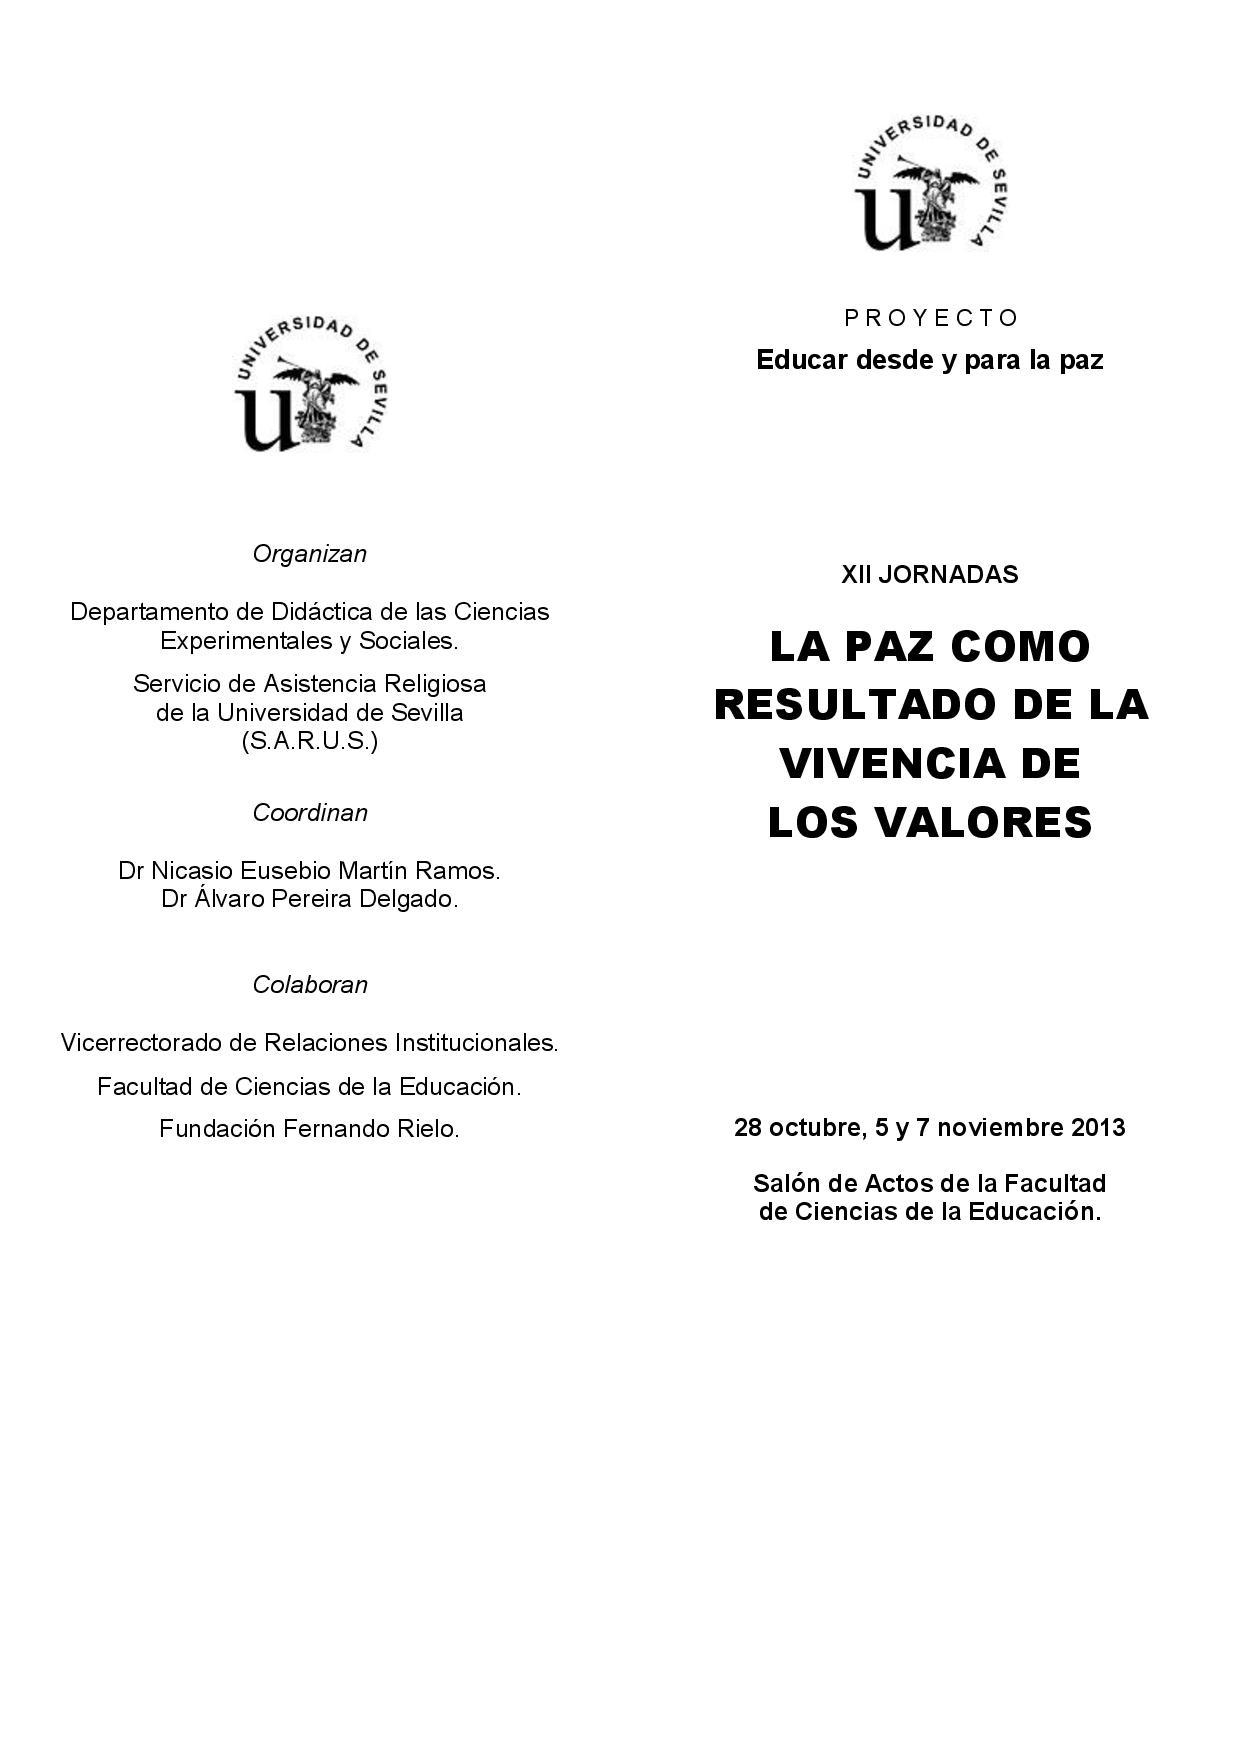 EducarparalapazDiptico-page-001